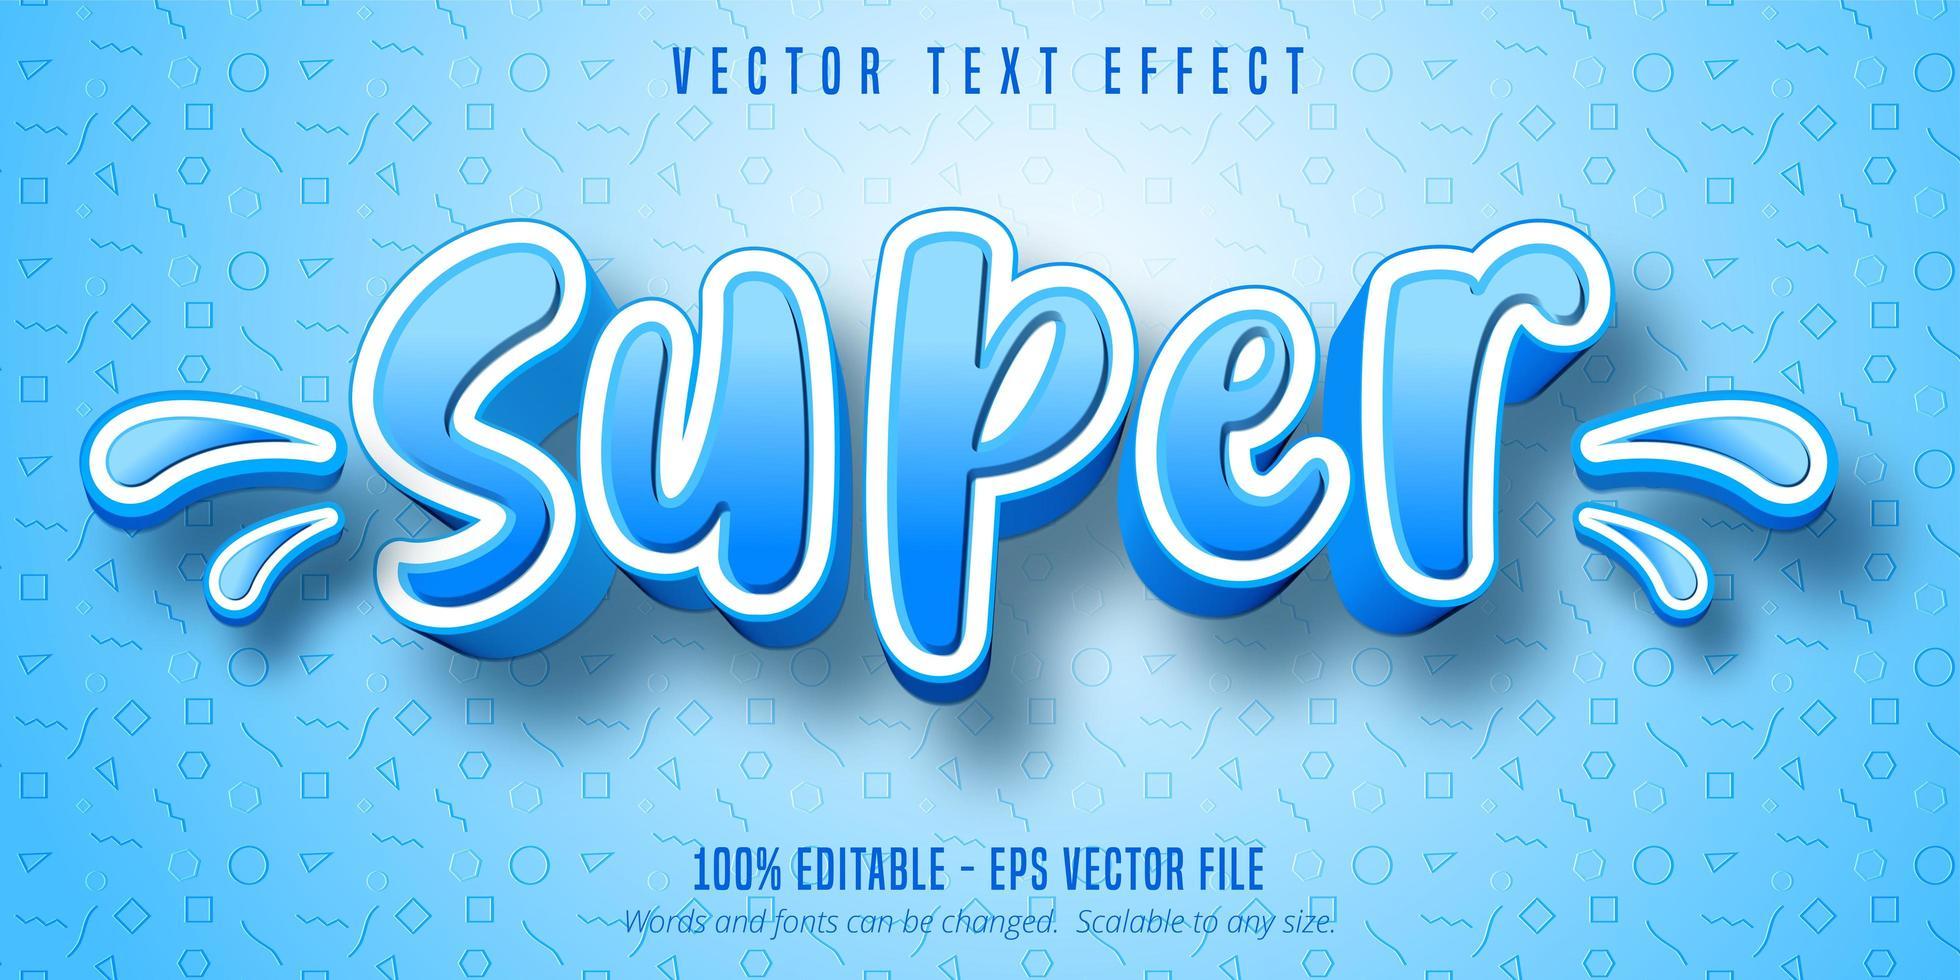 super testo, effetto di testo in stile cartone animato vettore